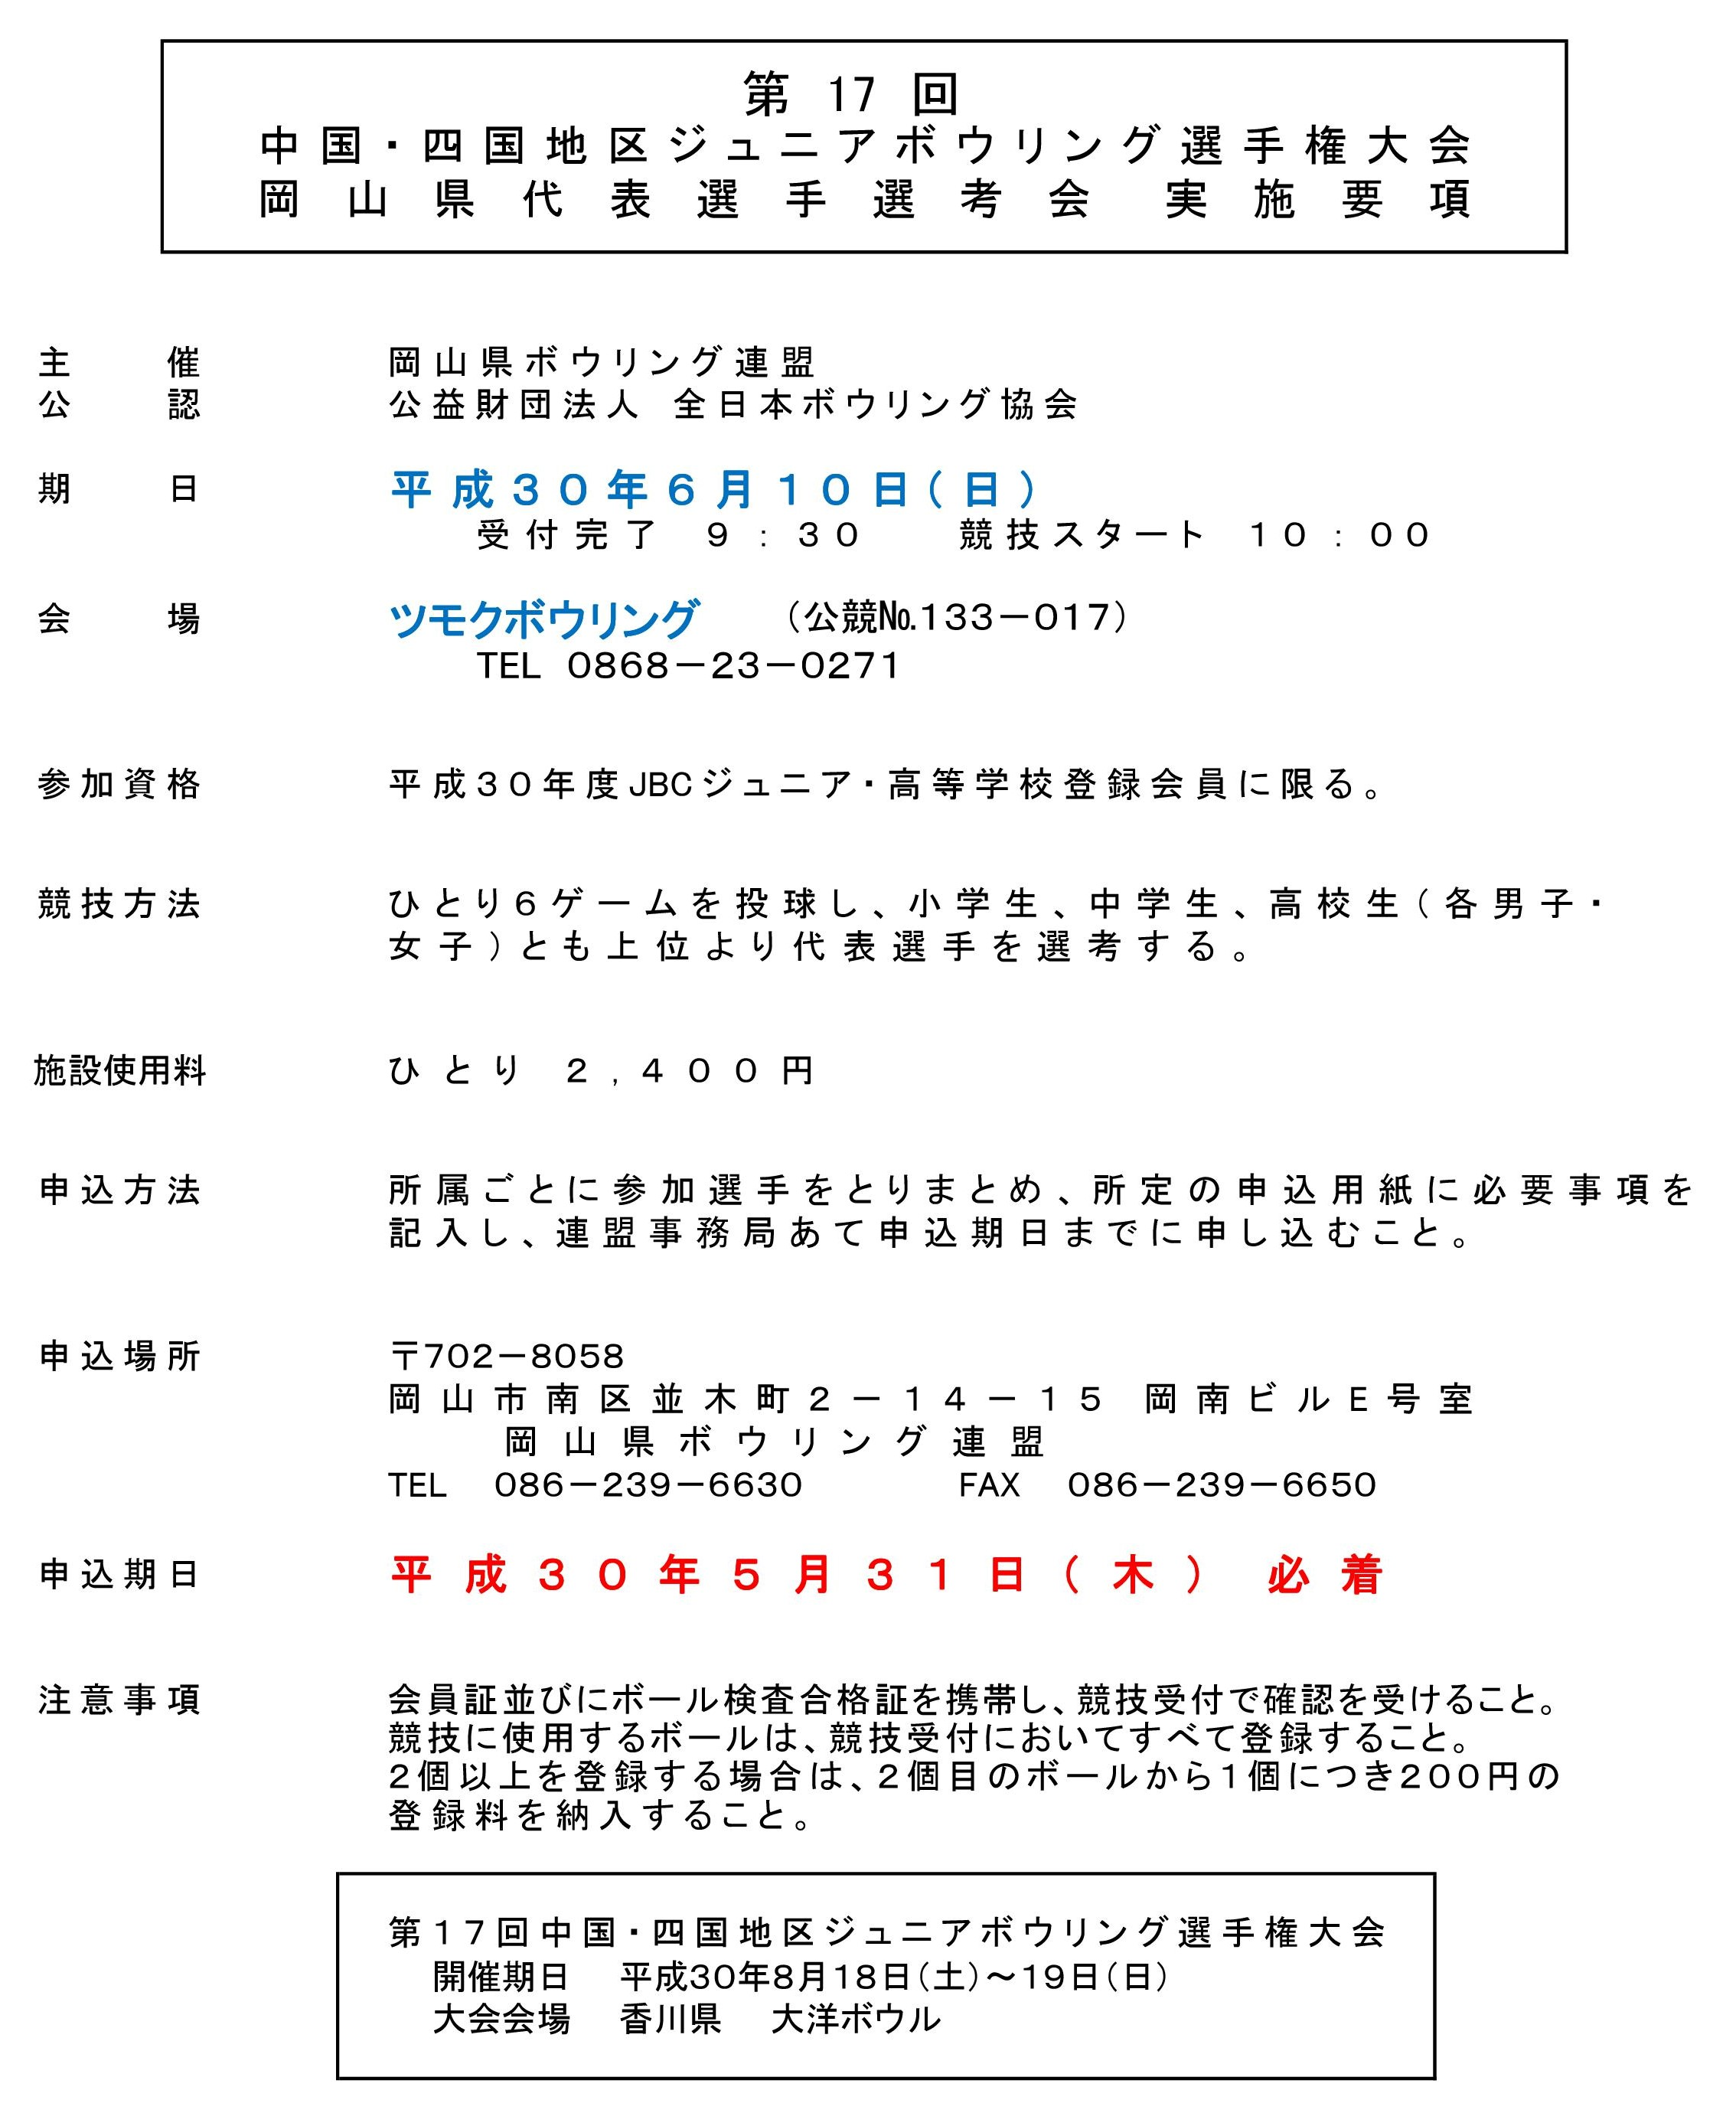 11. 中四国ジュニア県予選会.jpg